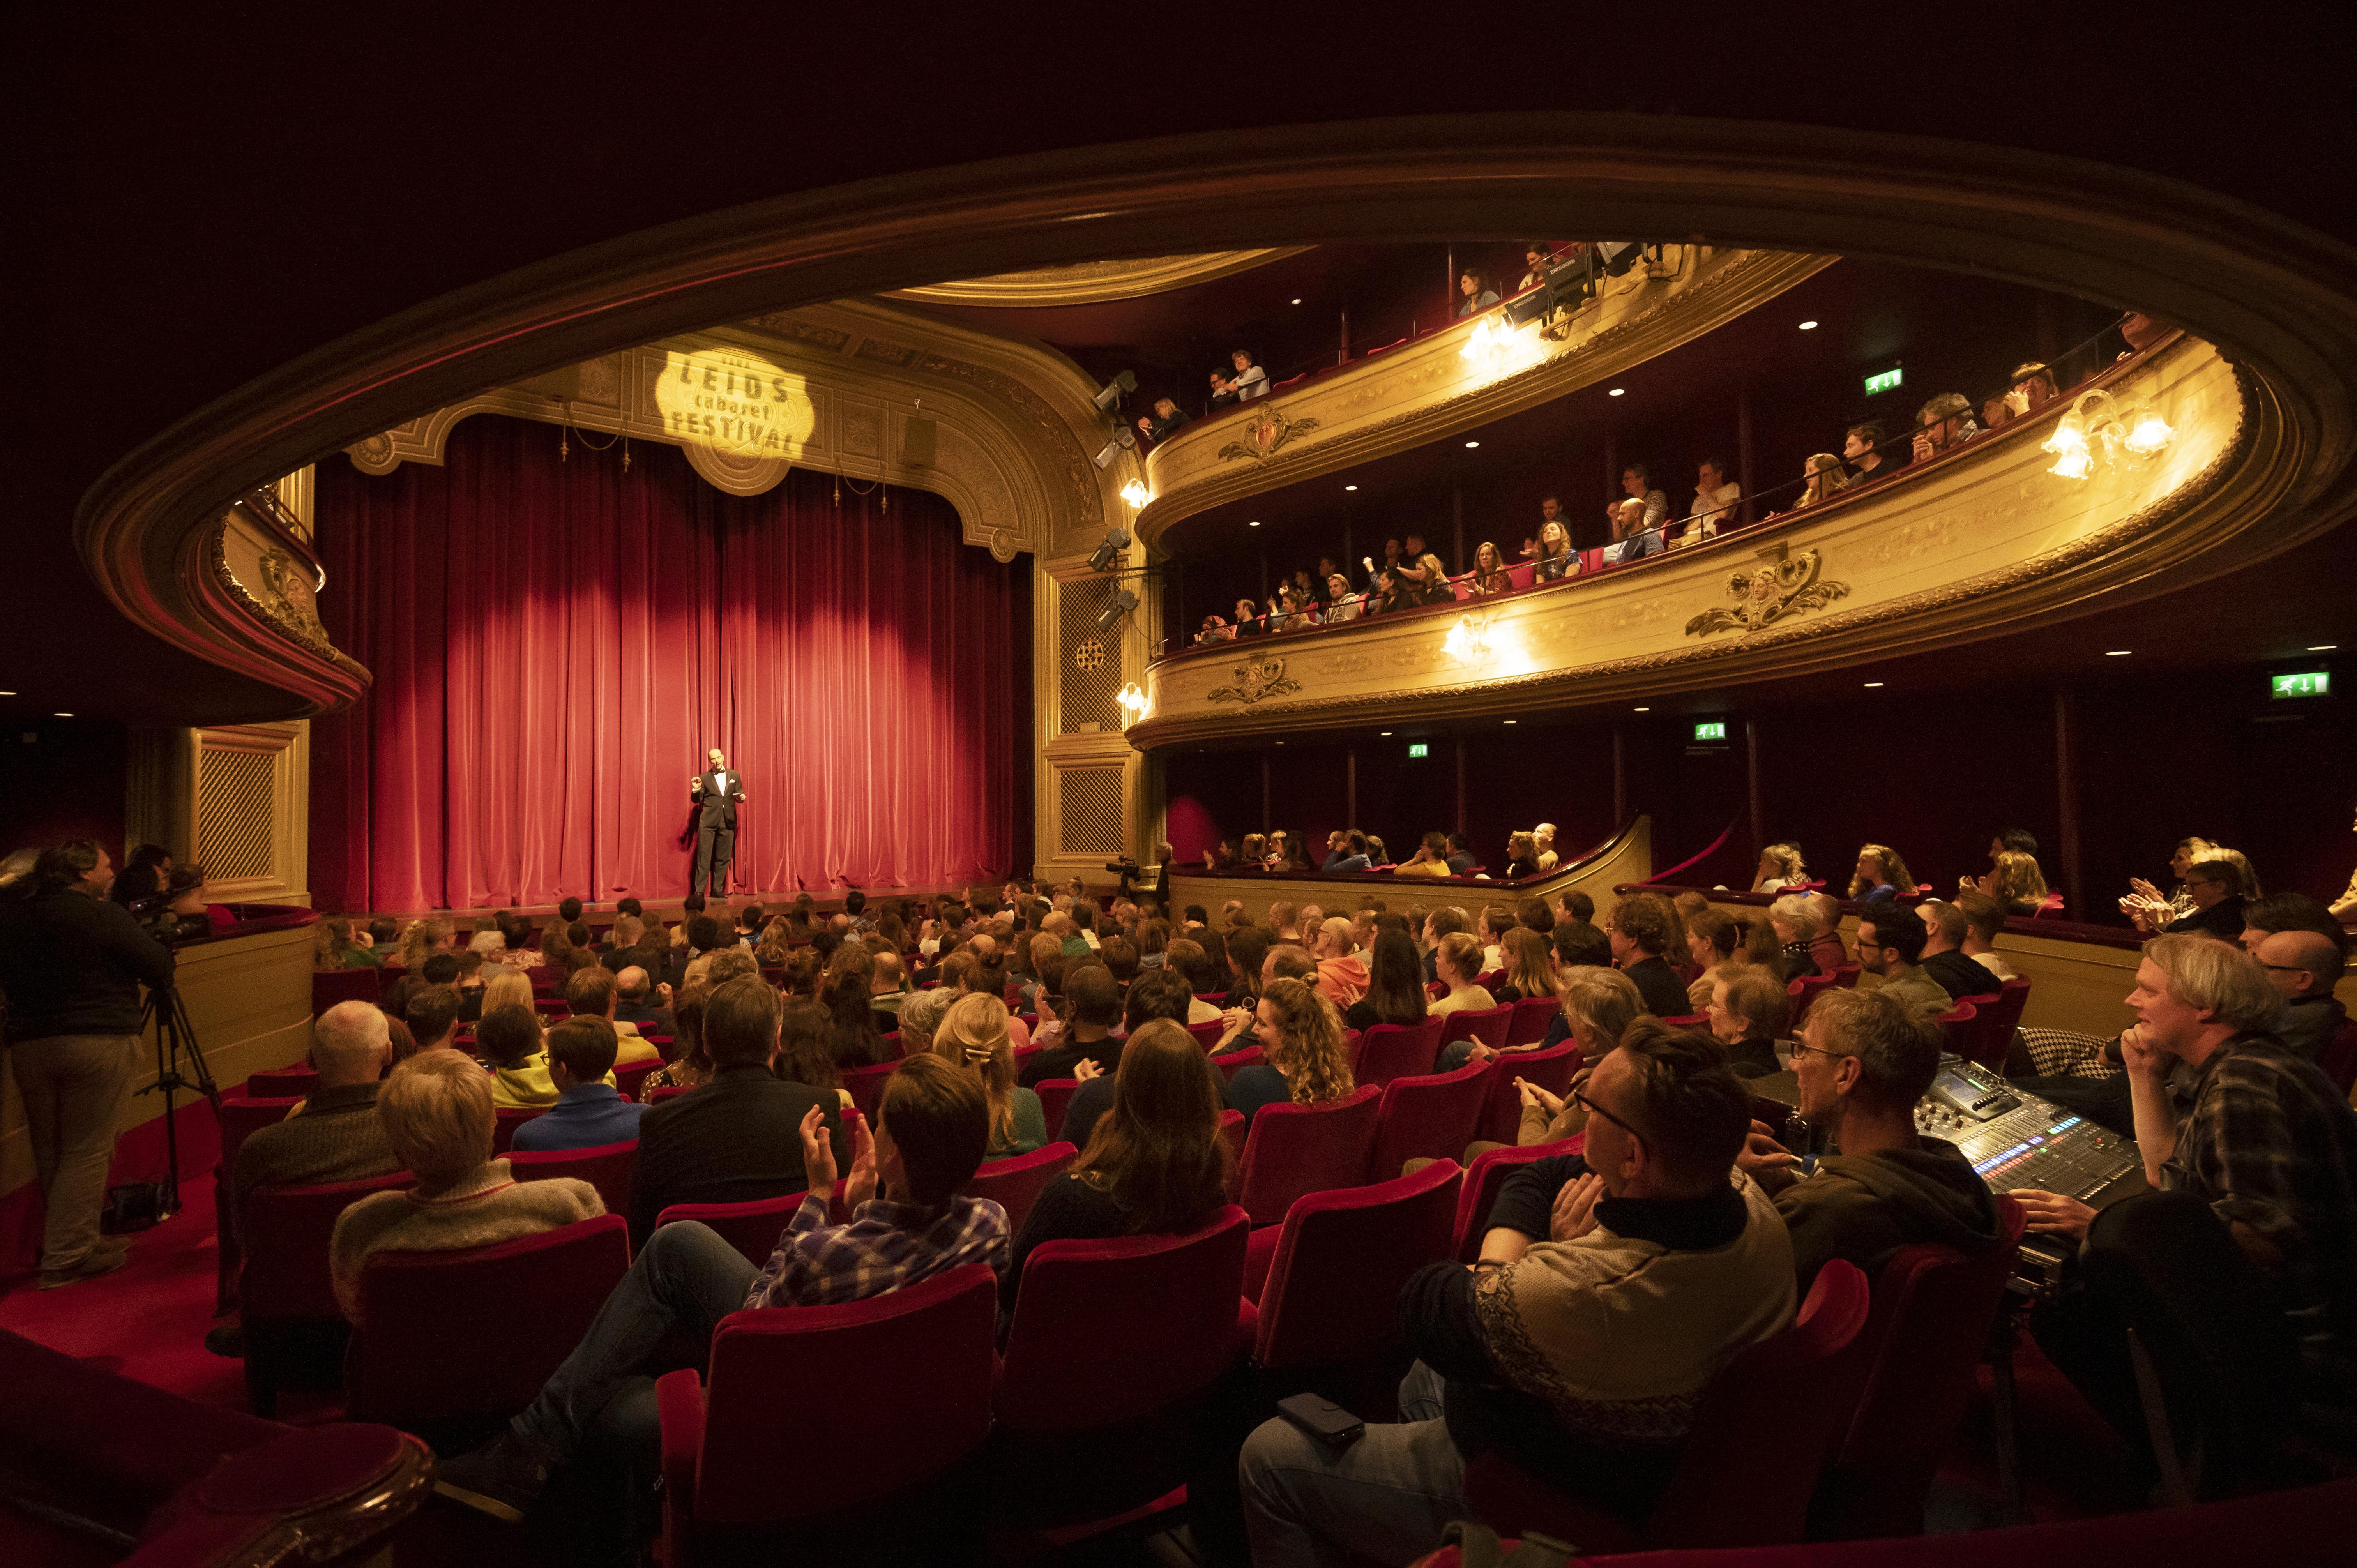 Micha Wertheim en radioprogramma 'Spijkers met Koppen' vanuit de schouwburg als alternatief voor het Leids Cabaret Festival